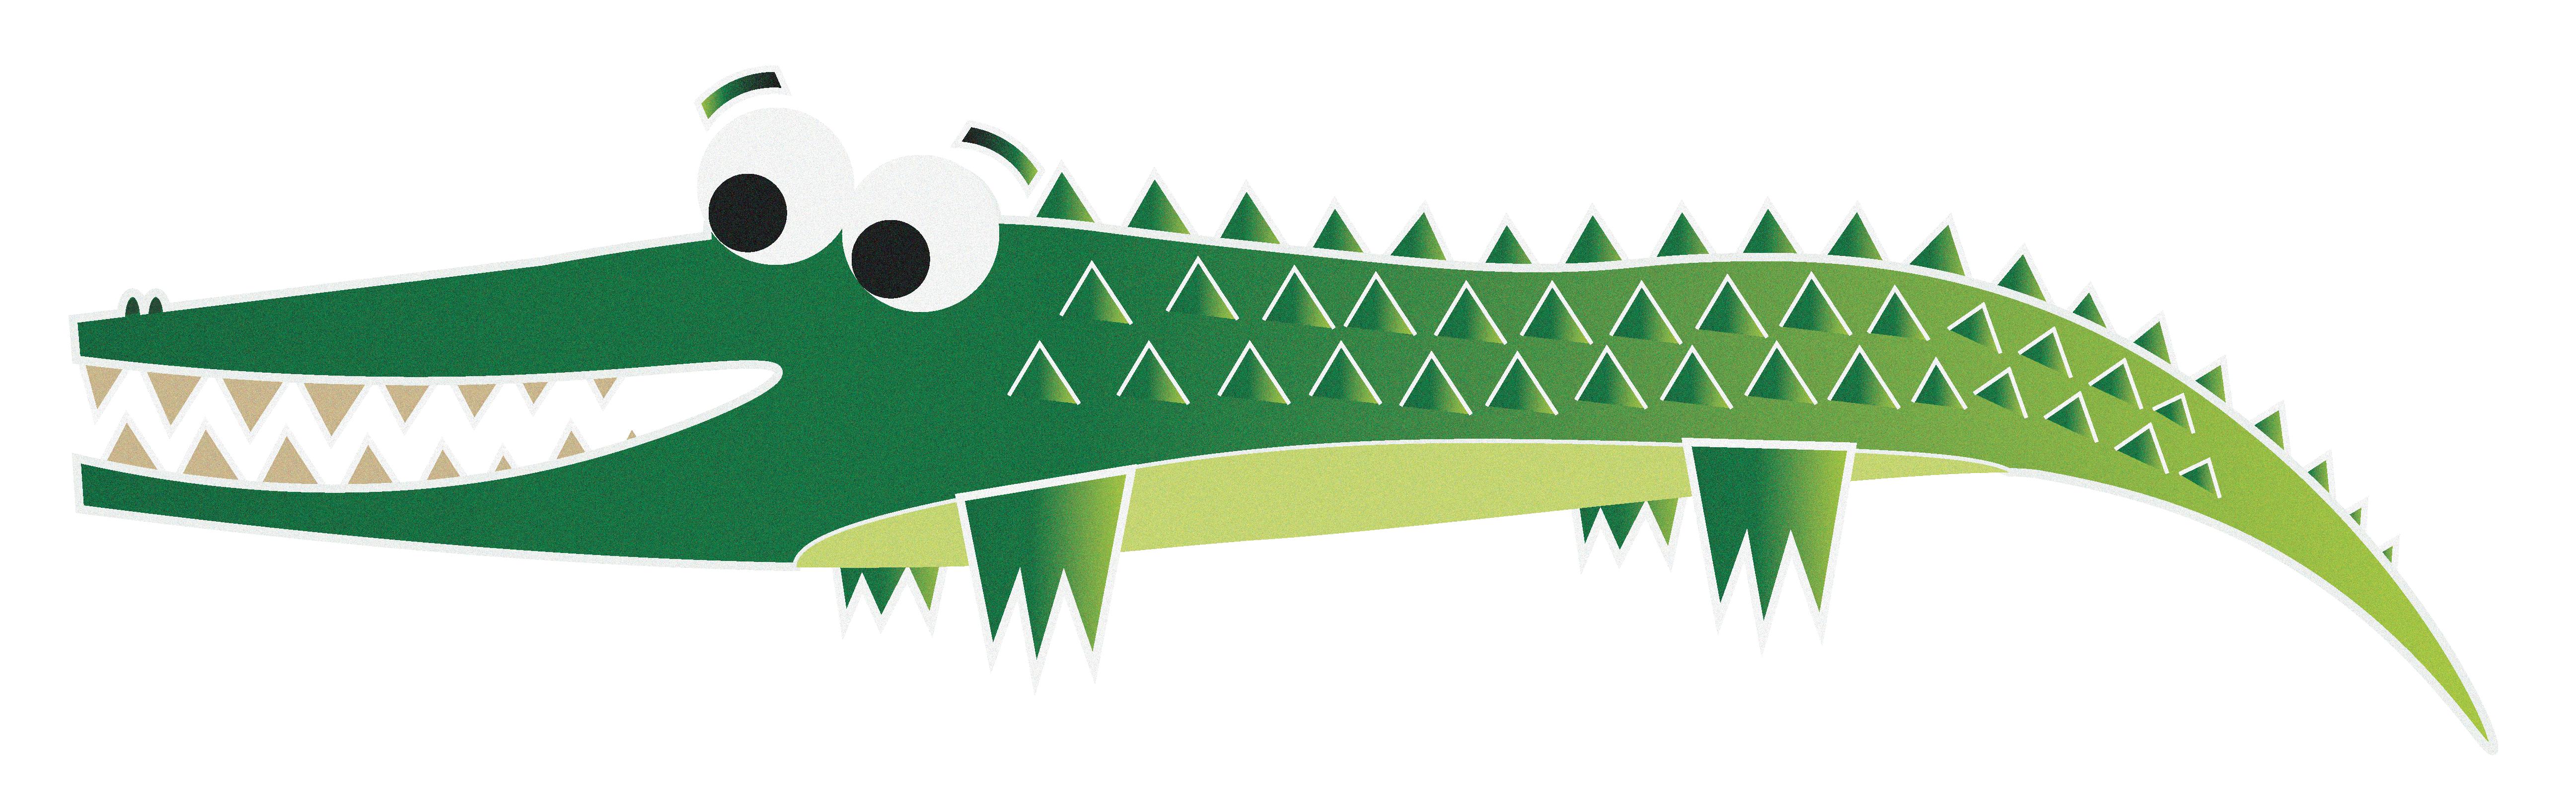 Design level lauren chandler. Crocodile clipart colour